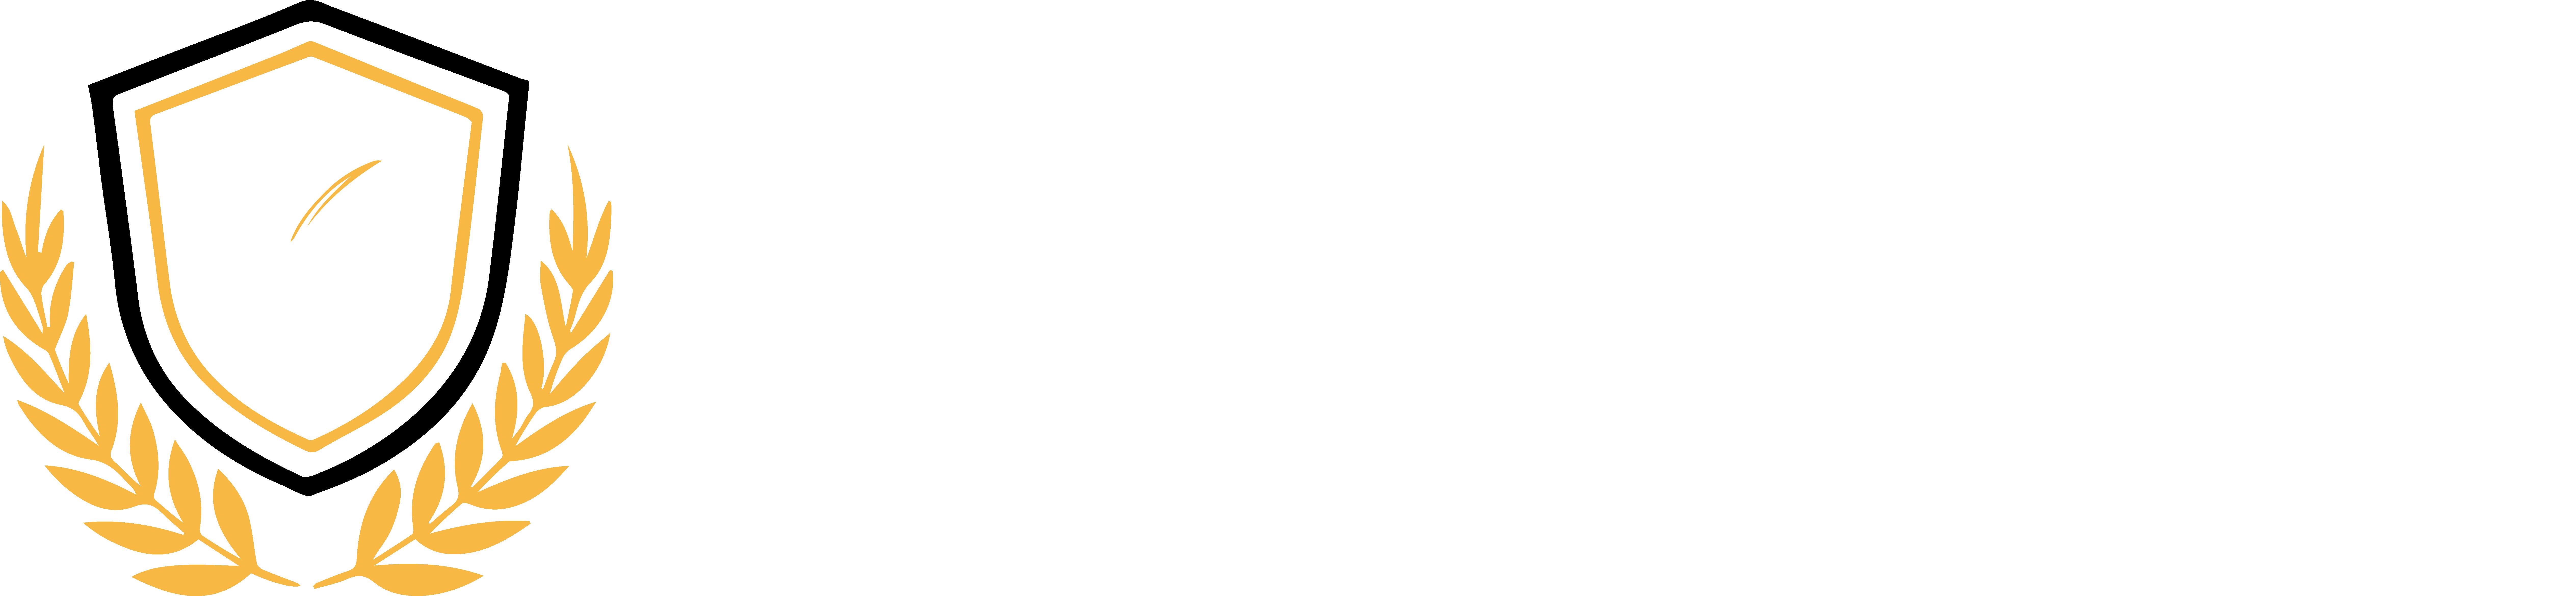 The Web Secret's To Success